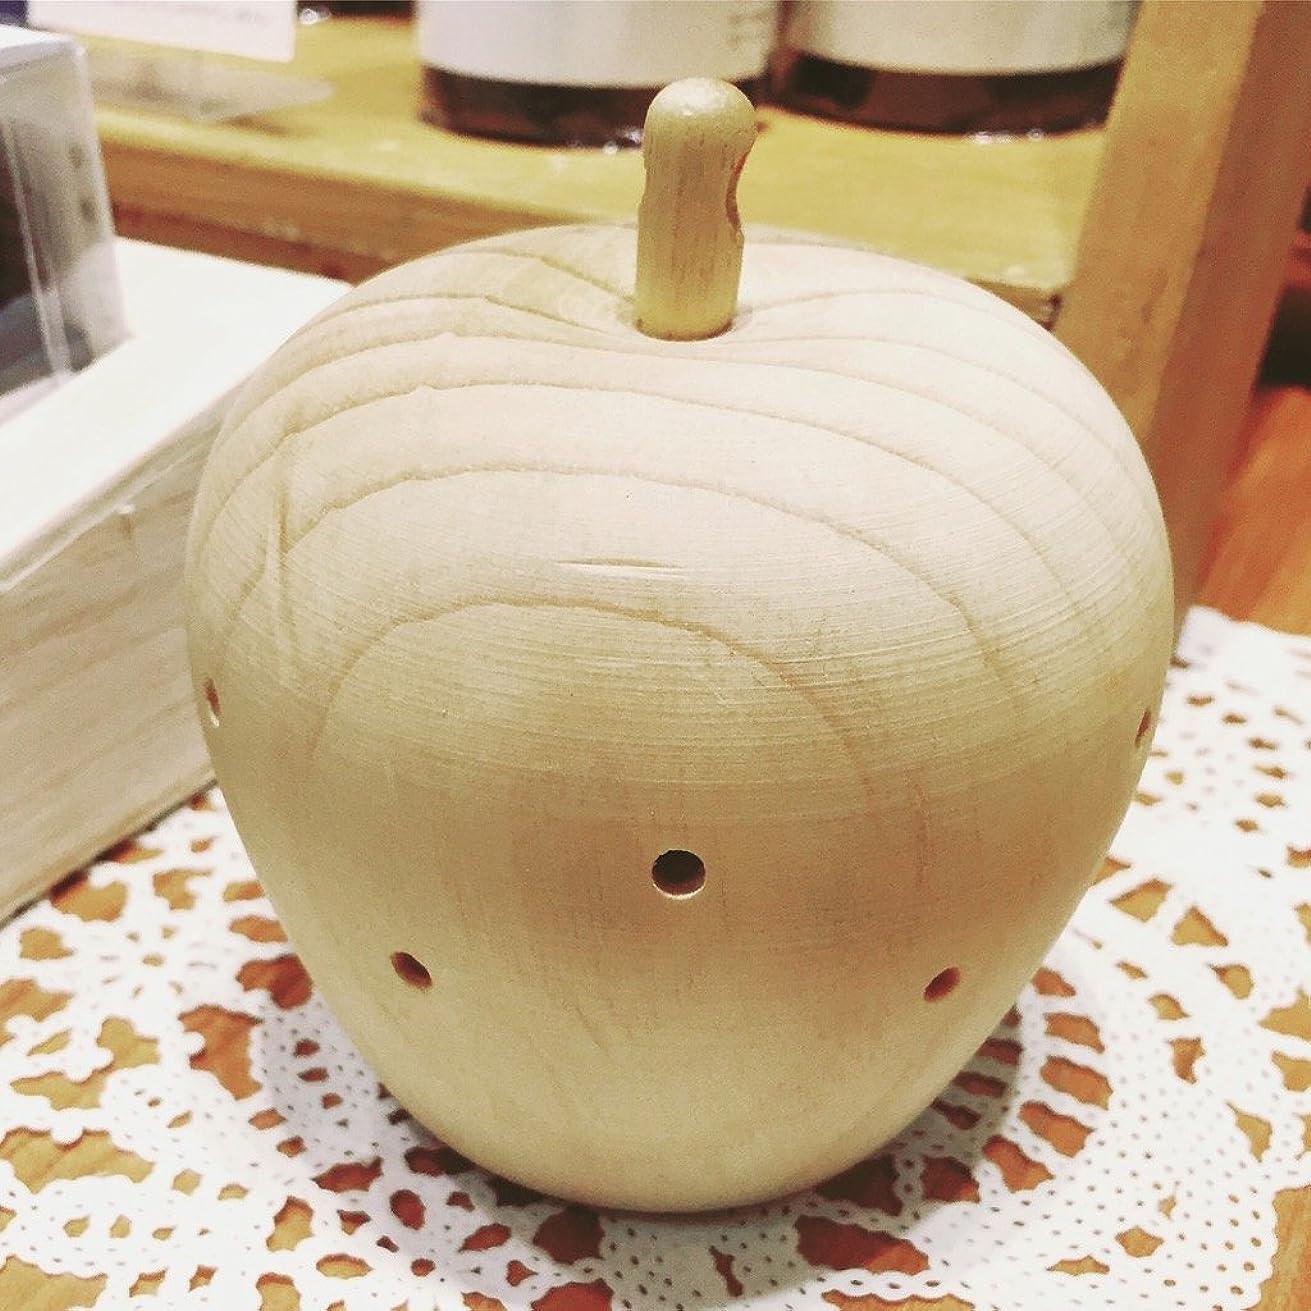 刈る間接的森タジマヤ ウッドアップル 森の香り125g(カートリッジ3個入)天然木の芳香剤 ルームフレグランス